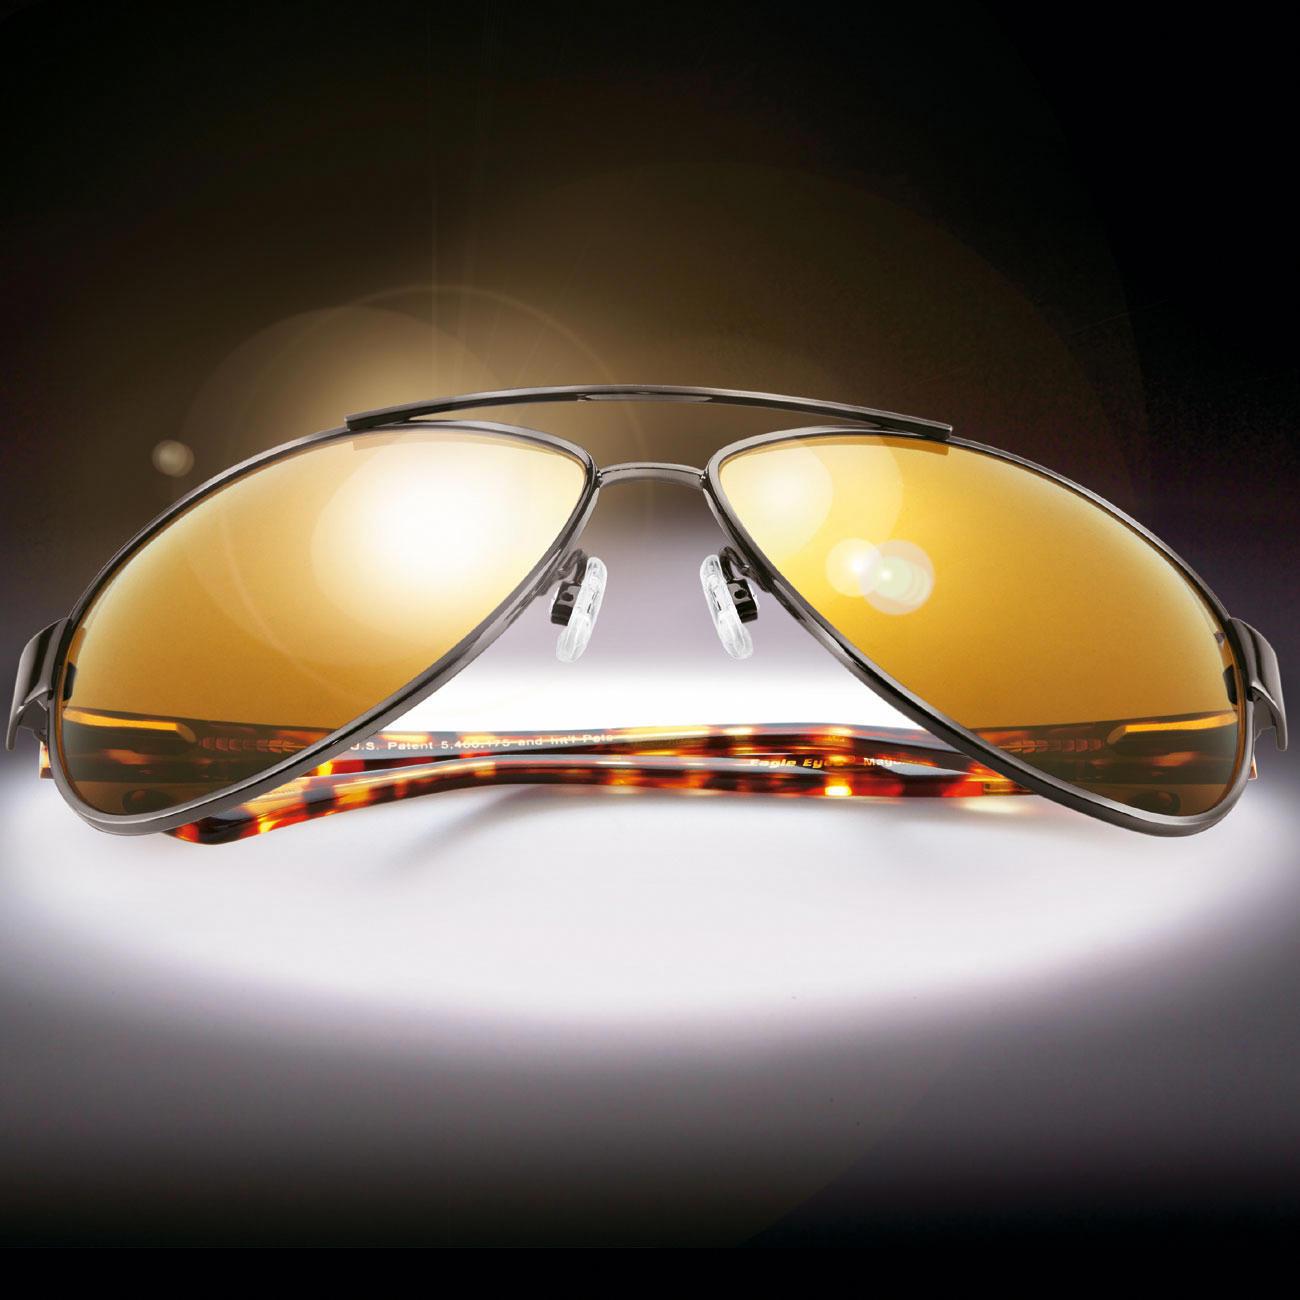 ... Gözlüğü, bwin gutschein & freebet-code auch für bestandskunden! Uvex Oversize 24 Güneş Gözlüğü Uvex Uvex Resimleri